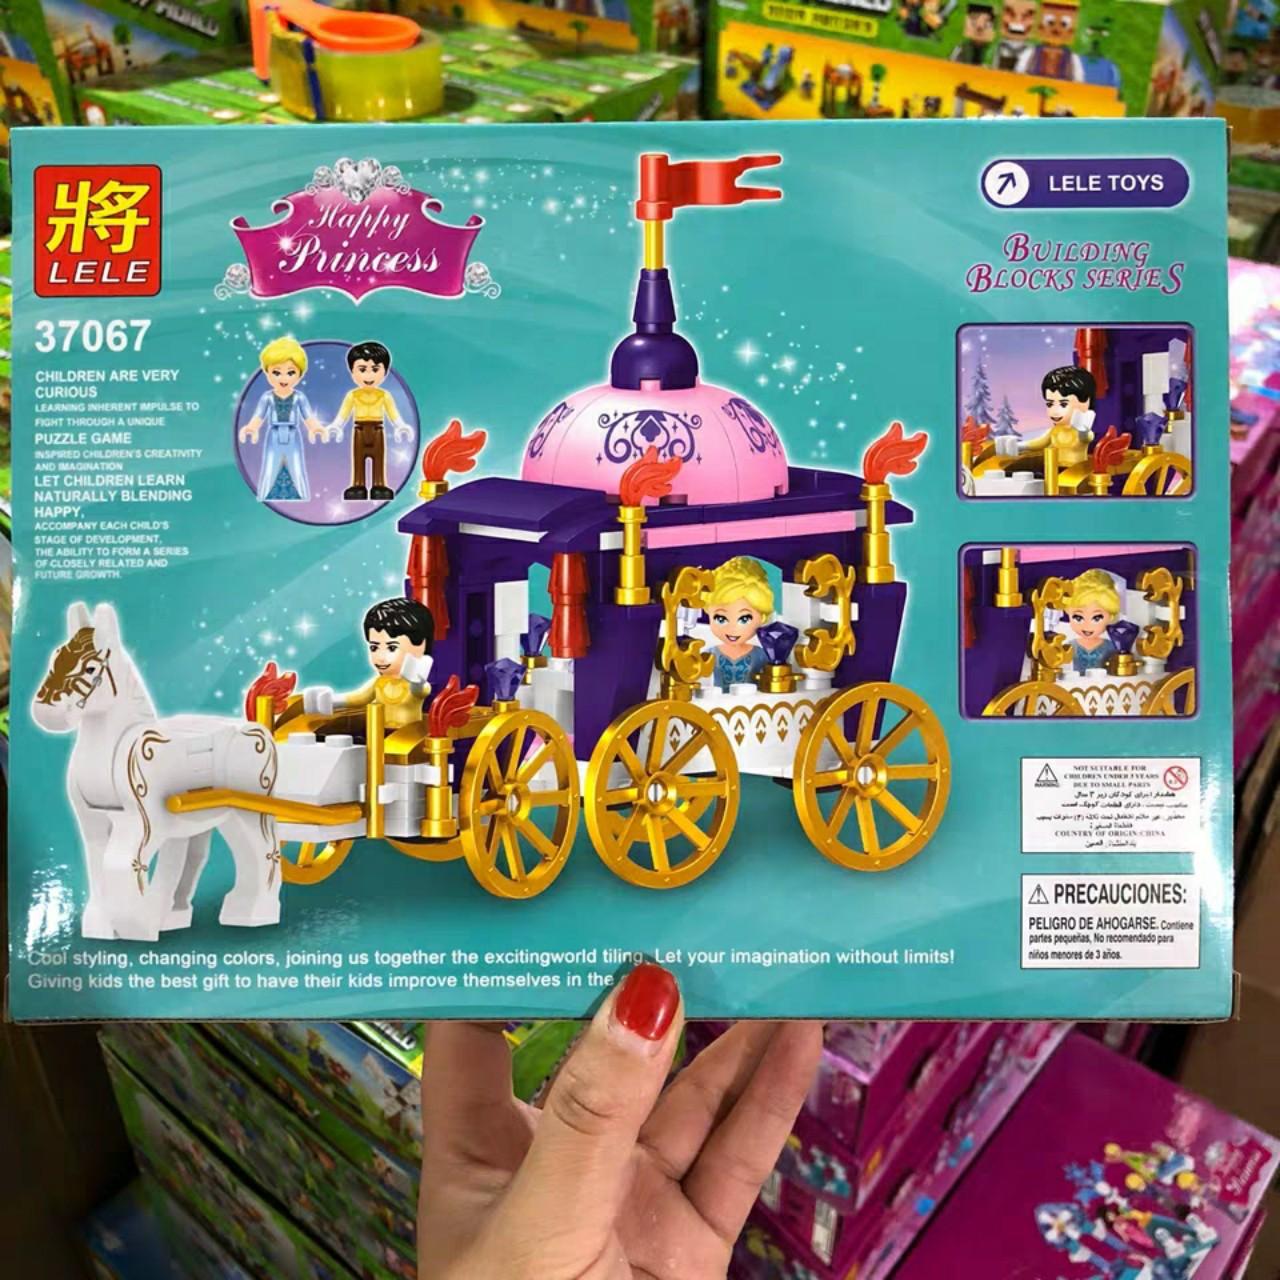 Lắp ráp Lego Xe Ngựa Hoàng Gia Của Elsa - Lele 37067